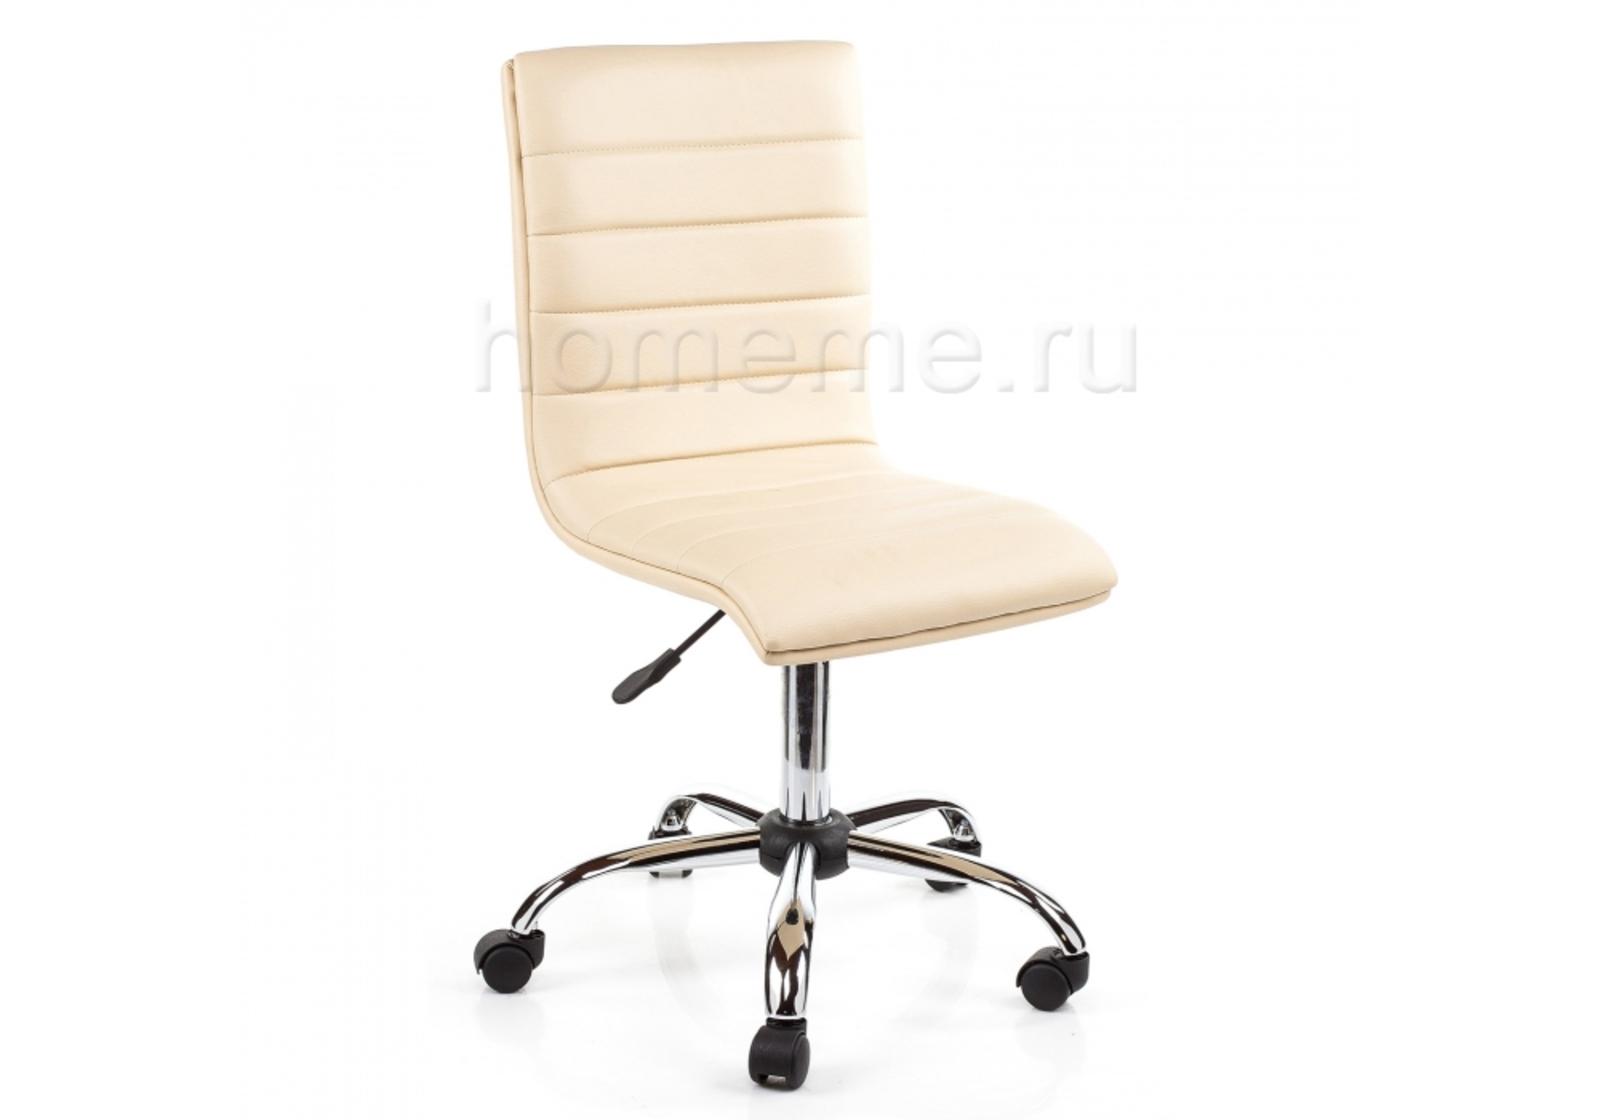 Кресло для офиса HomeMe Midl бежевый 1556 от Homeme.ru